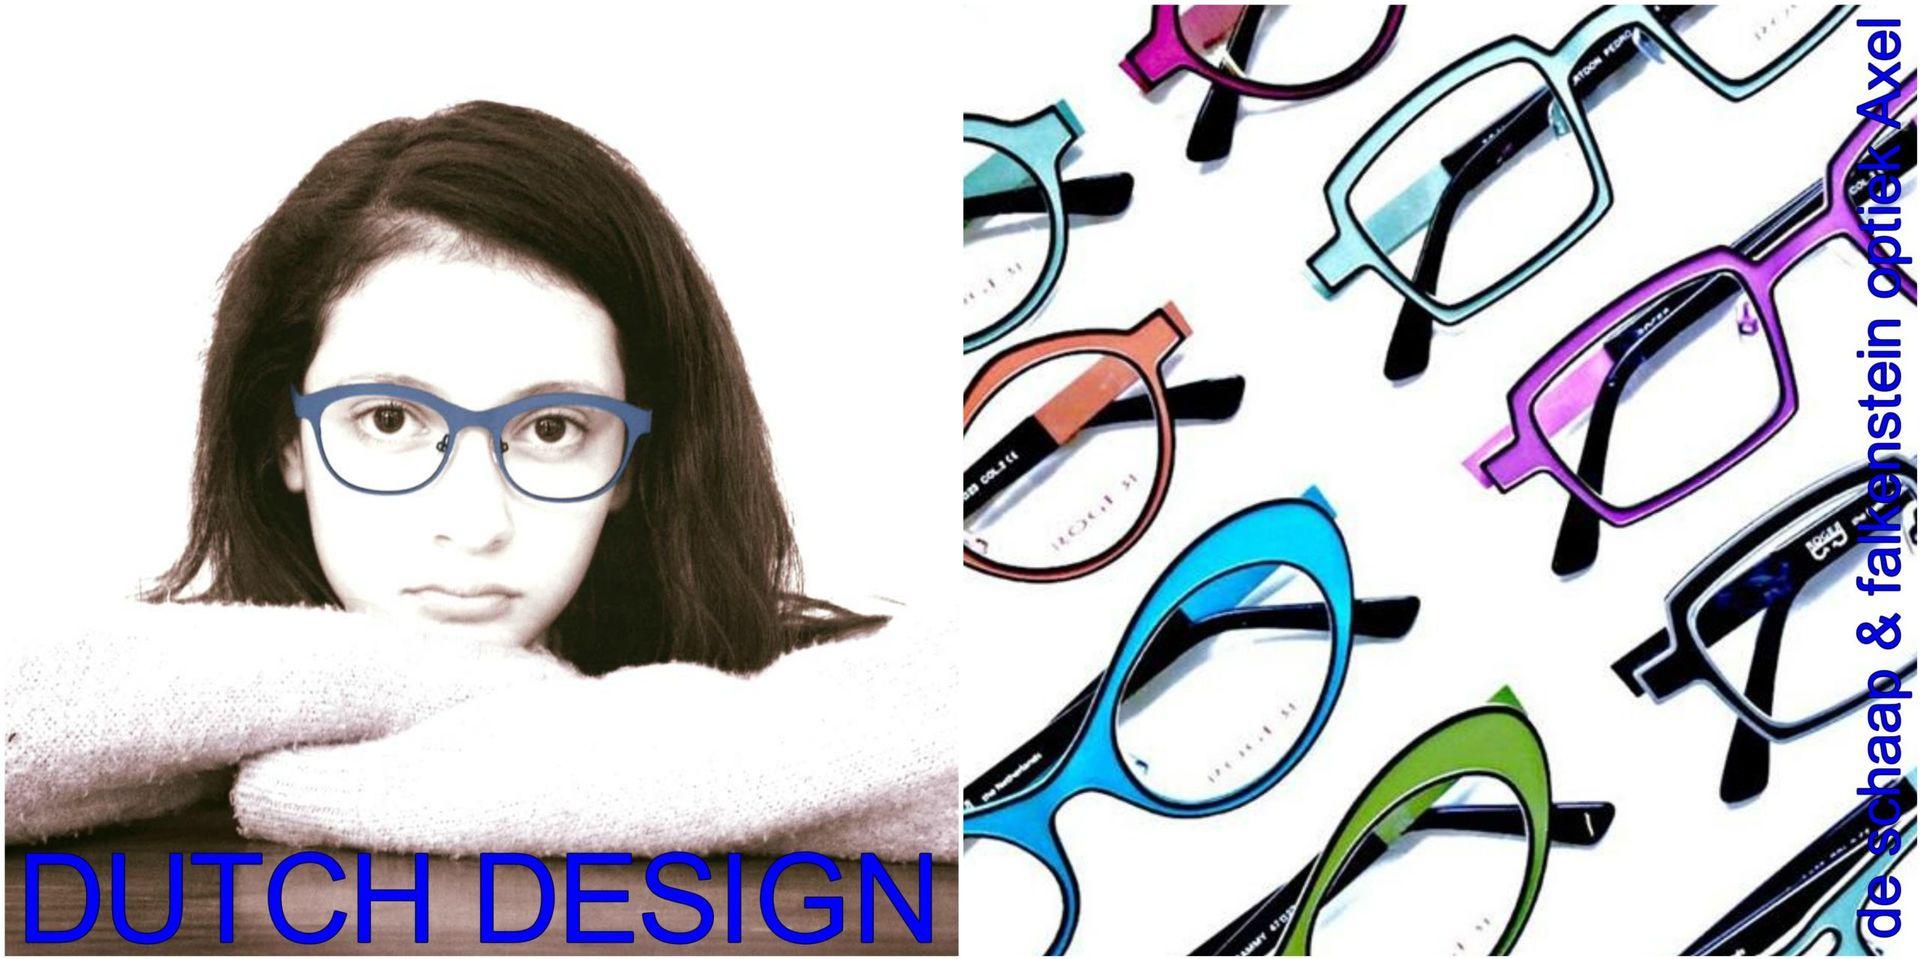 Collage Dutch Design 4 - voor website & fb - met winkelnaam - kopie